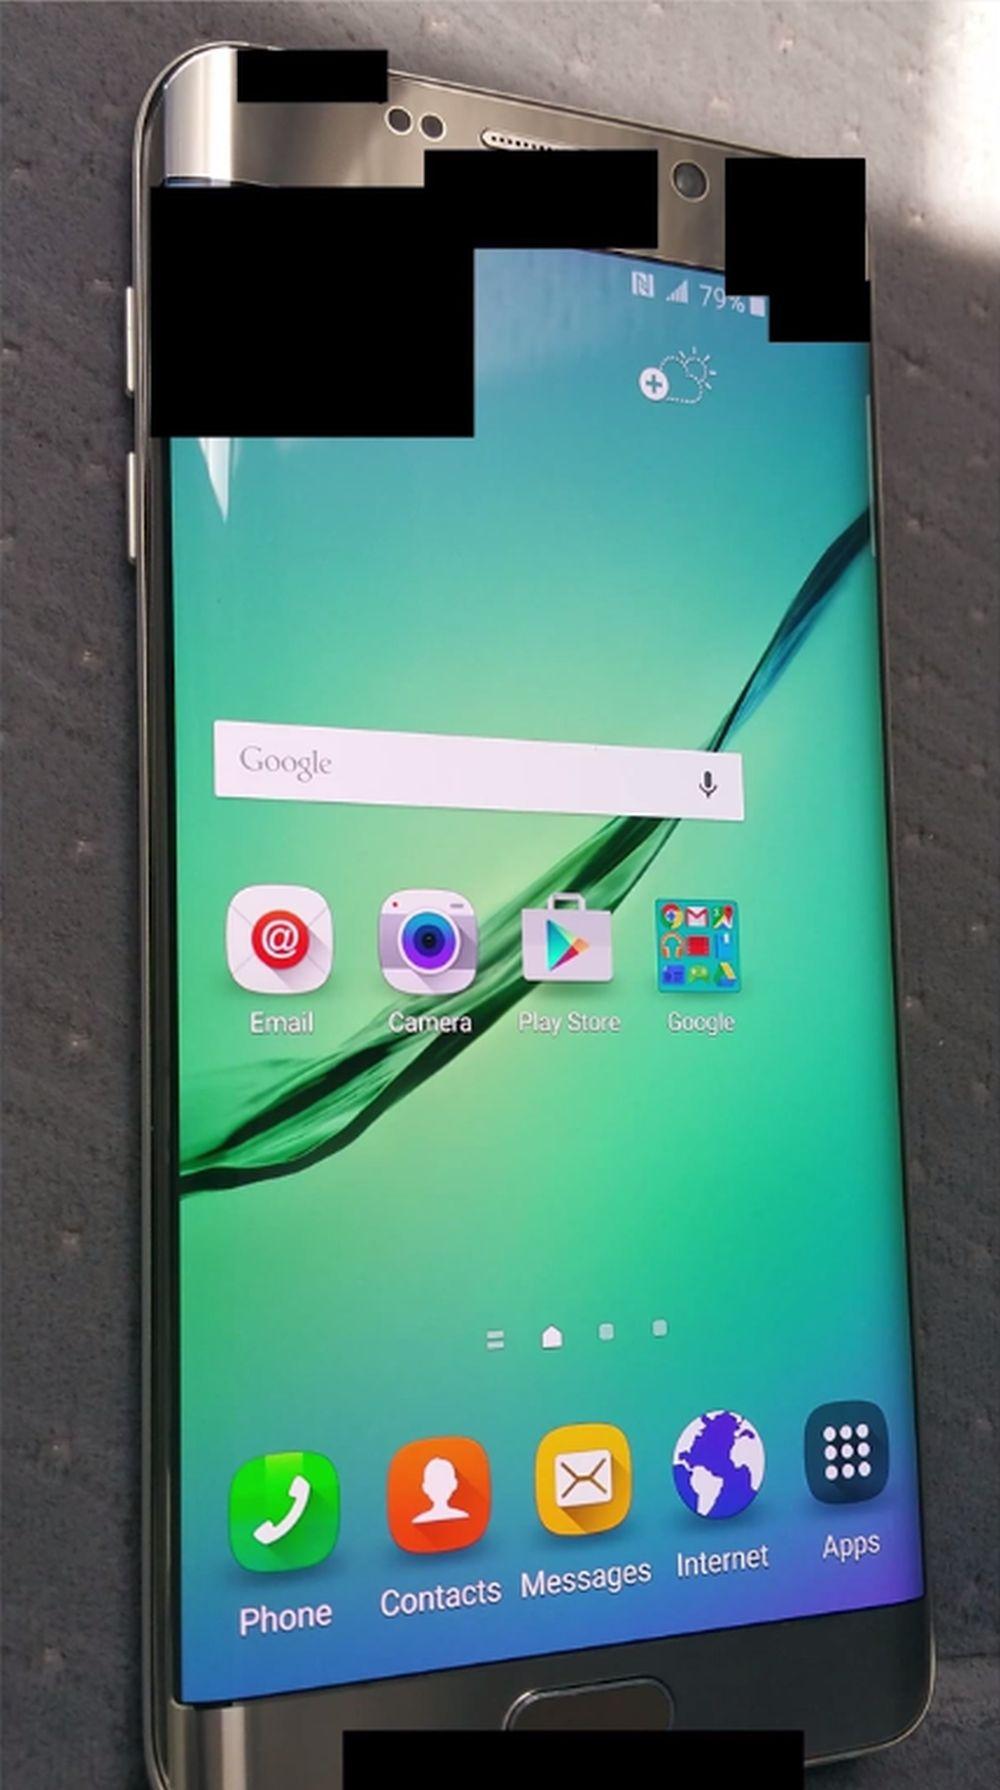 Den ryktede S6 Plus i fullfigur. Foto: YouTube